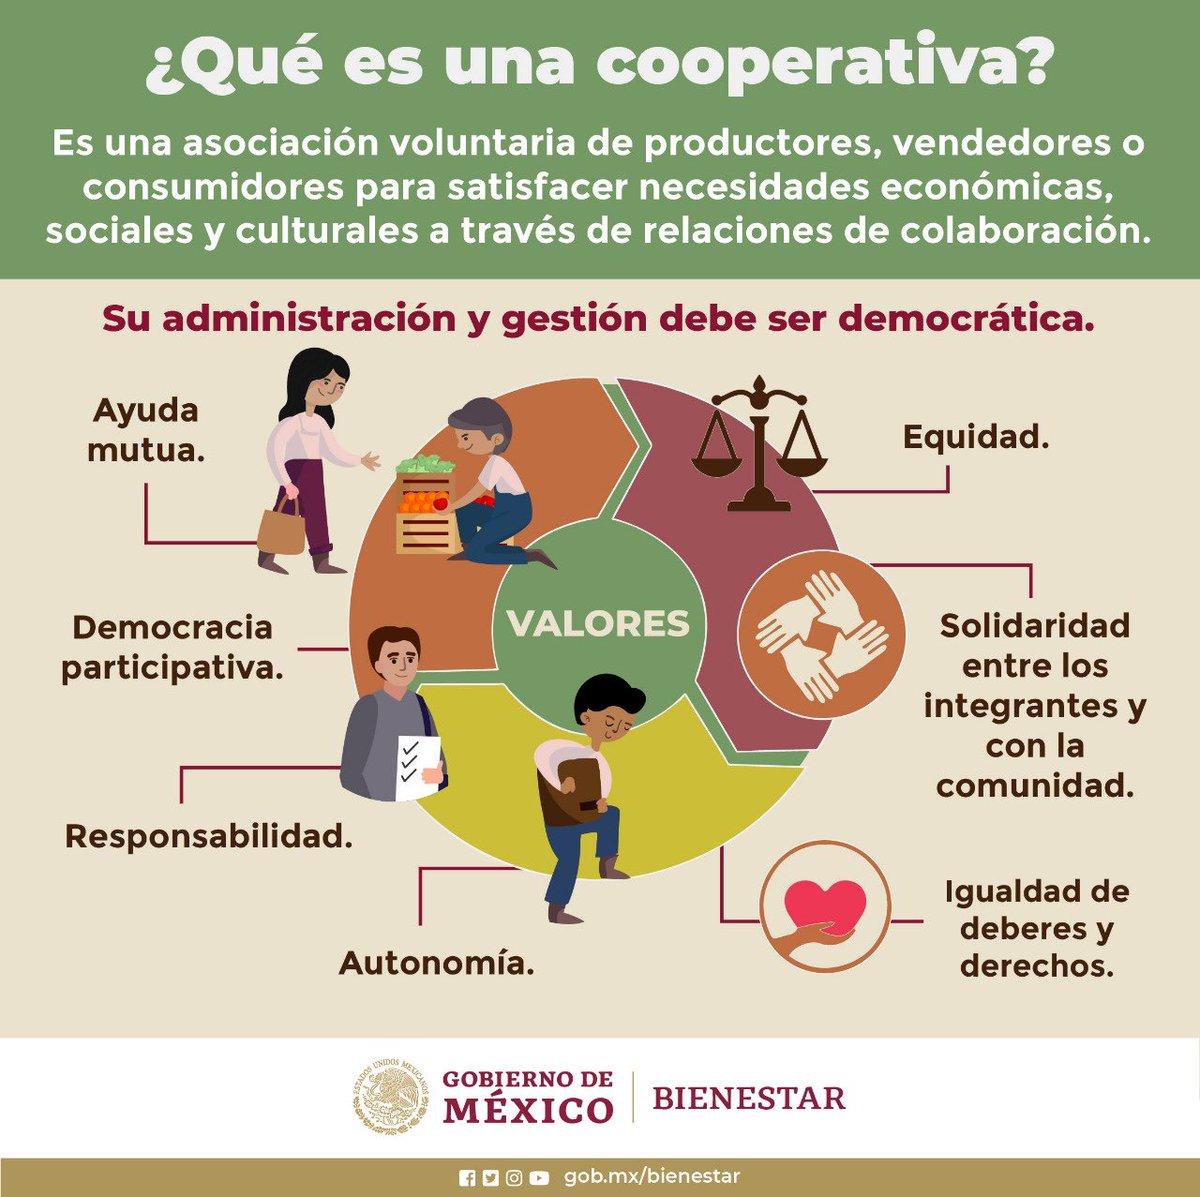 Venir de un movimiento cooperativo indígena campesino como el de @Tosepan en la Sierra Nororiental de Puebla, me enseñó que es posible lograr un modelo diferente. Uno más humano que coloque al centro el trabajo colectivo y genere #Bienestar en tod@s. #DíaDeLasCooperativas